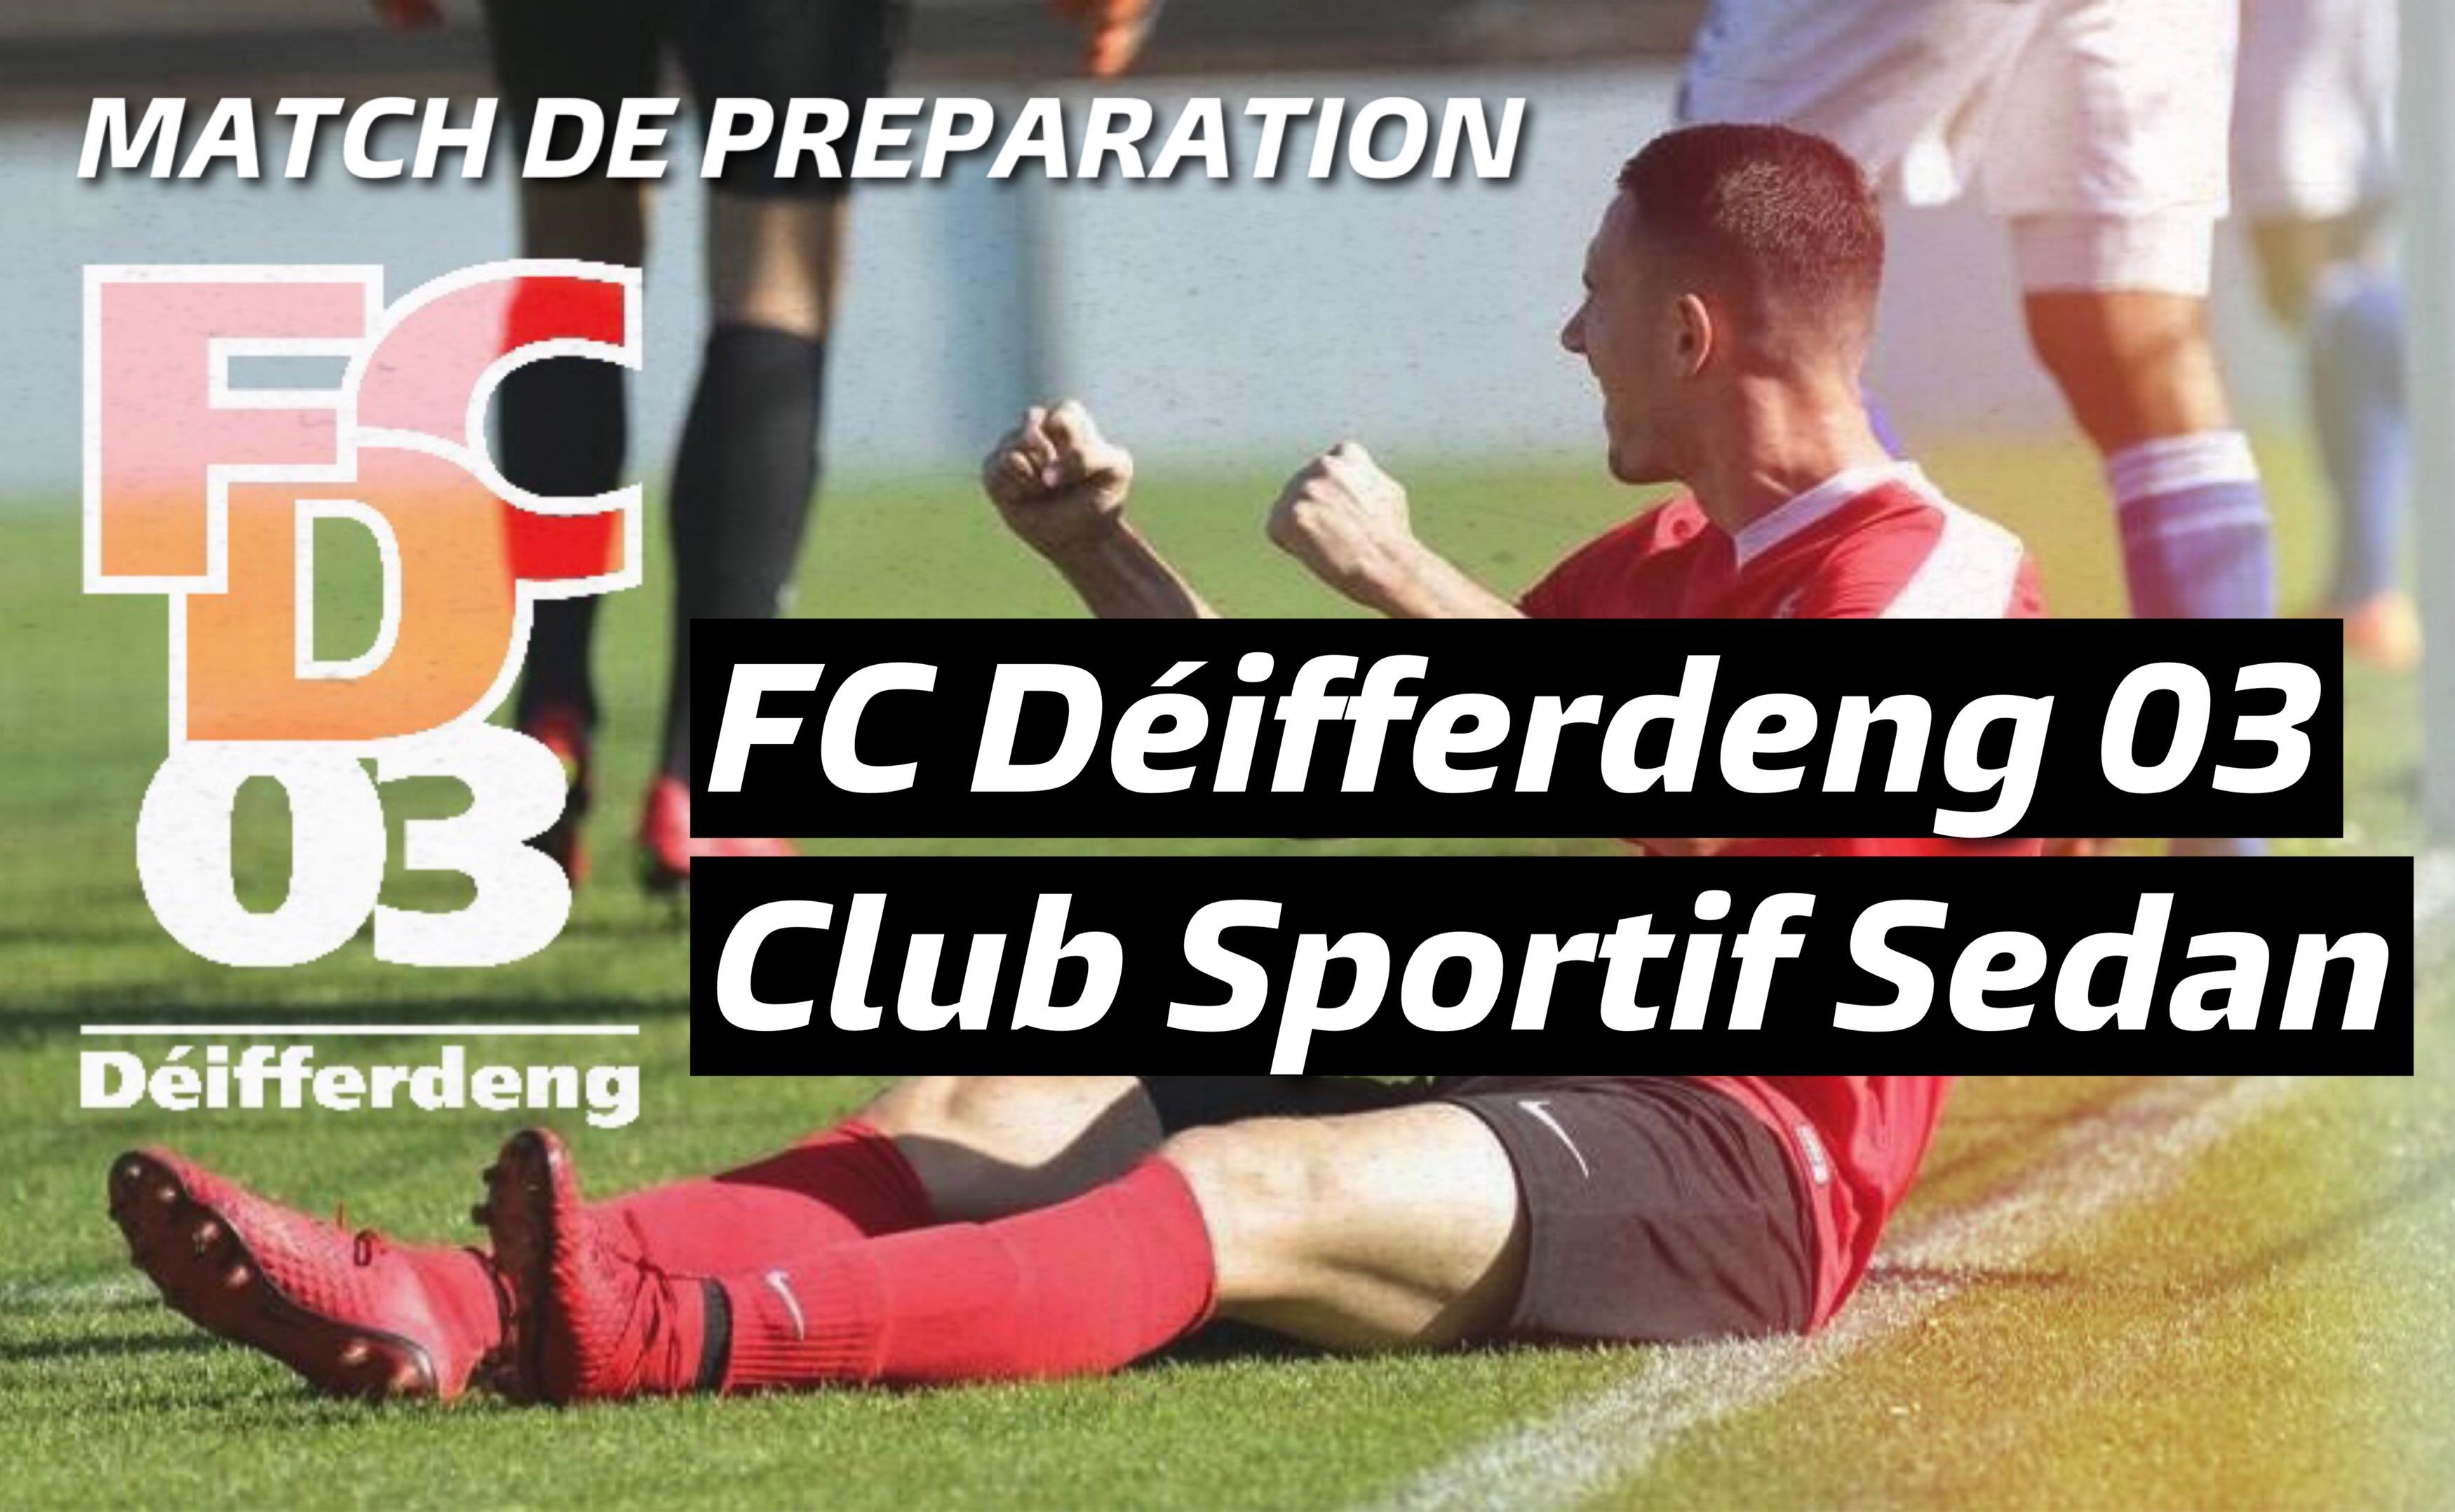 FC Déifferdeng 03 - CS Sedan